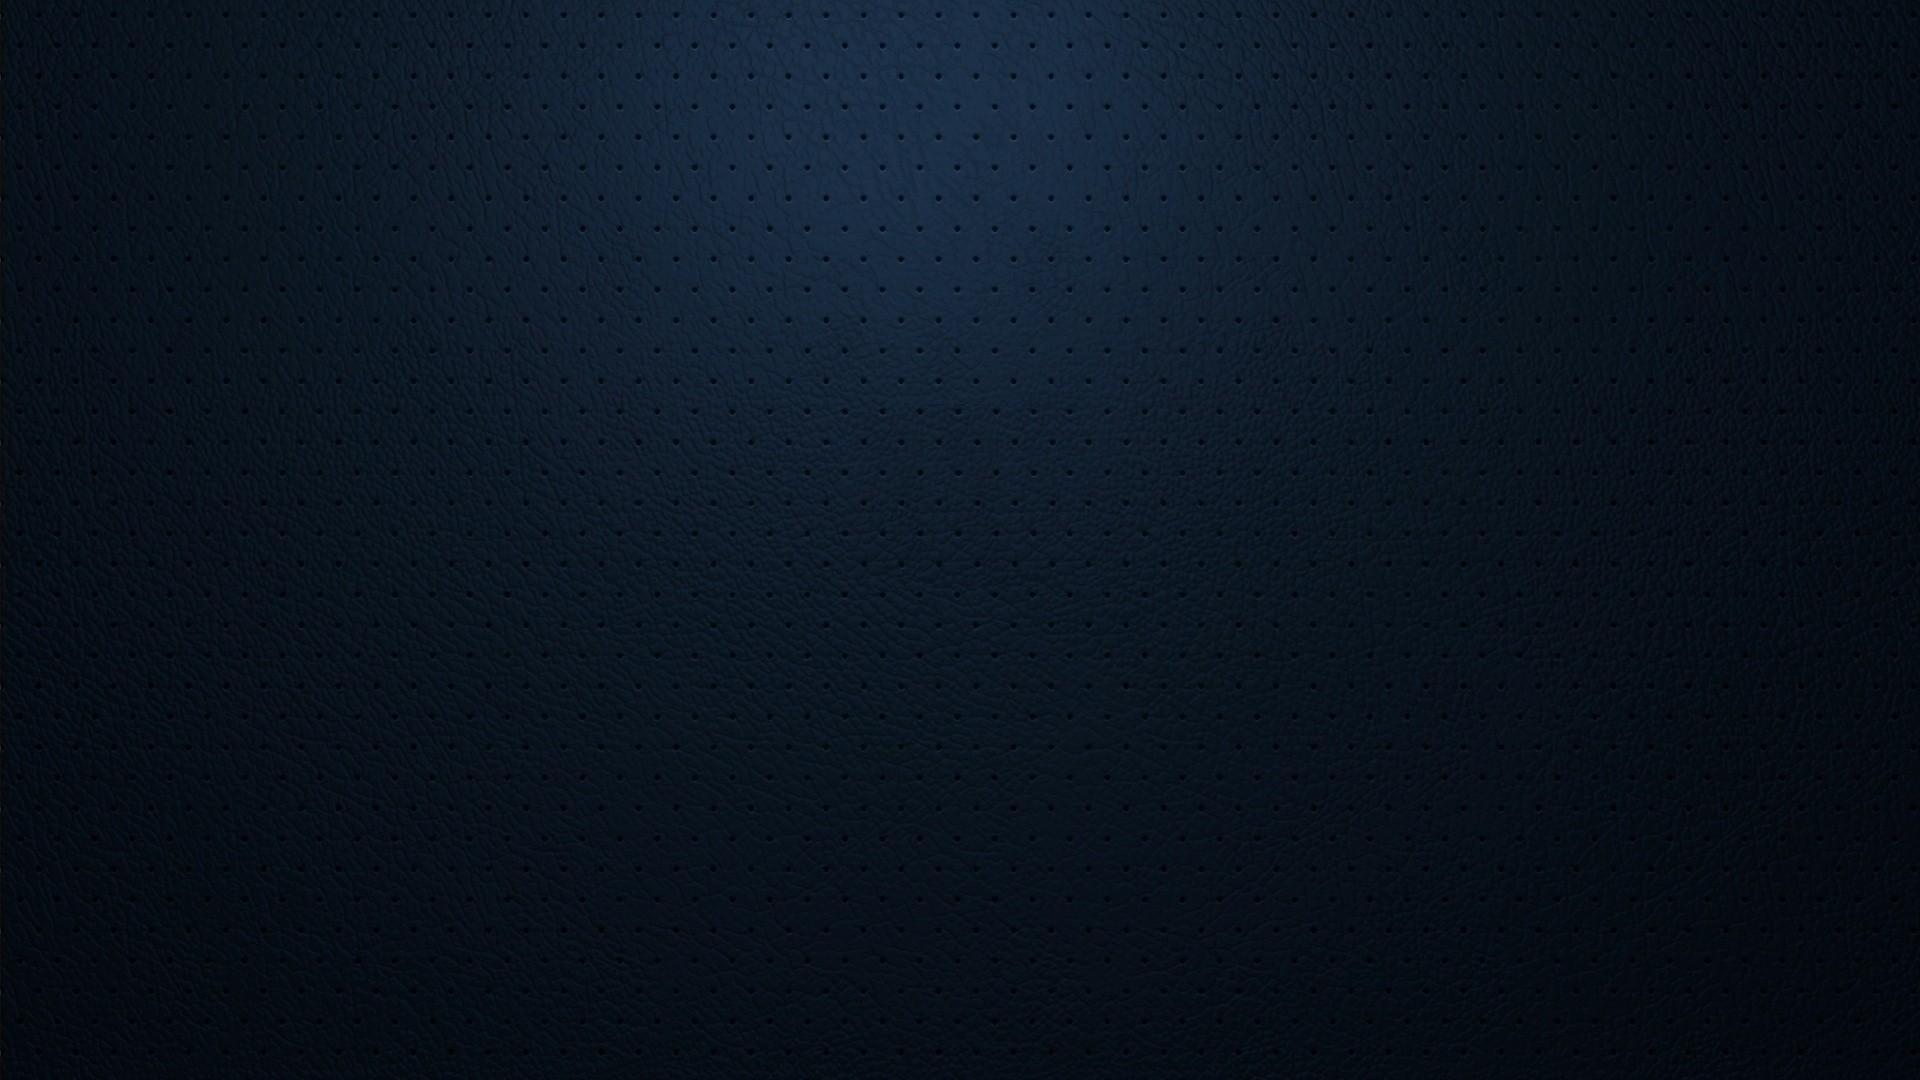 Dark Blue PC Wallpaper HD